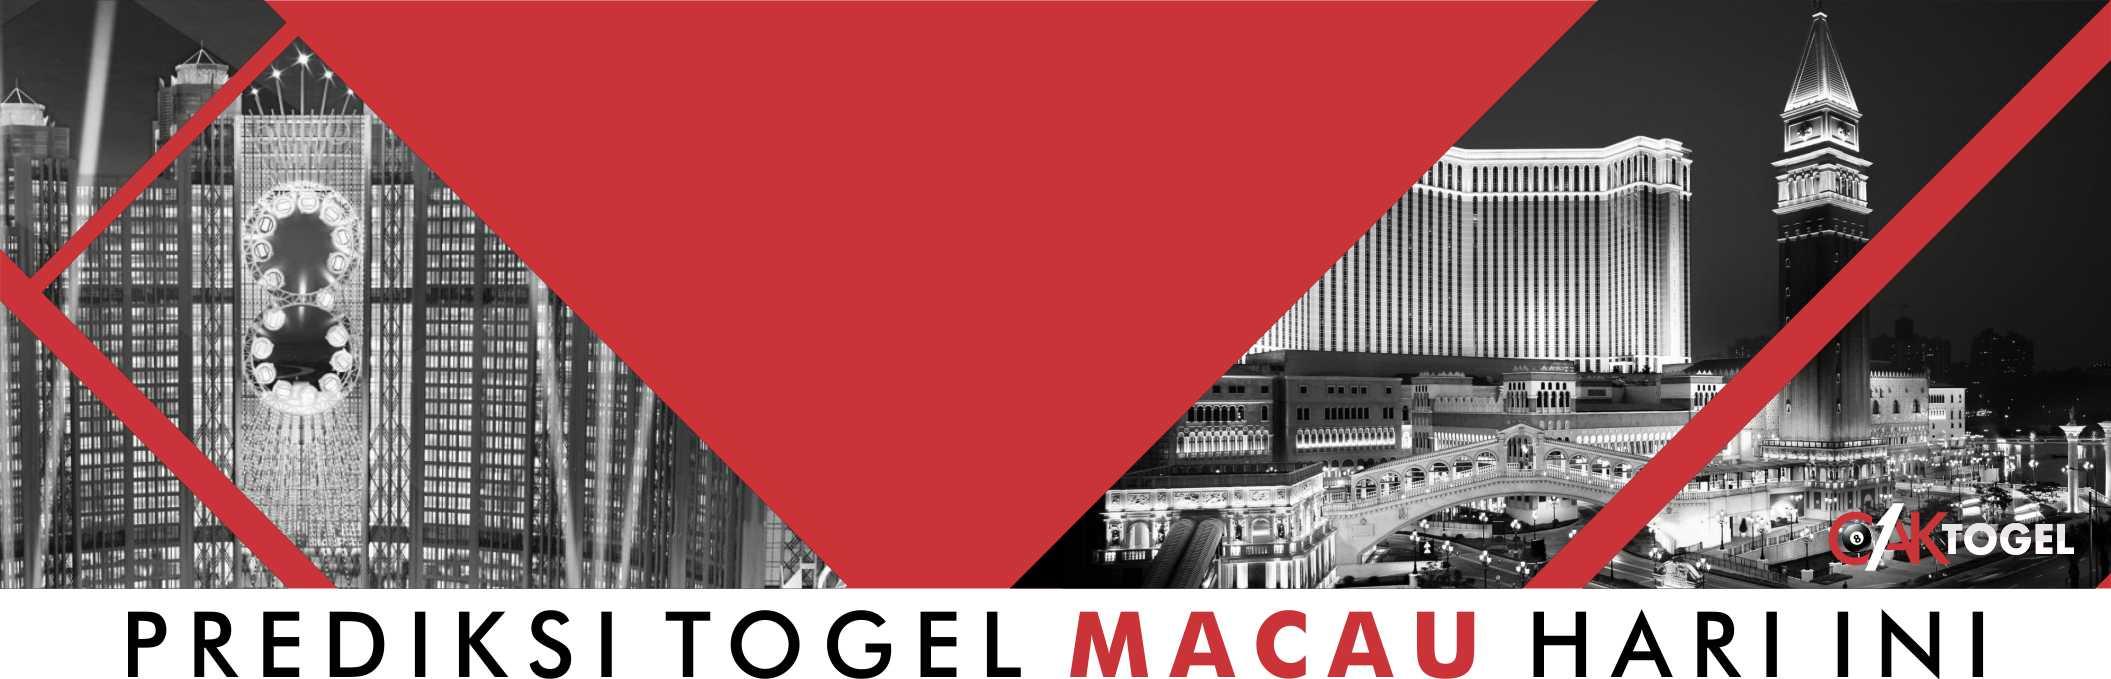 Prediksi Togel Macau 10 April 2019